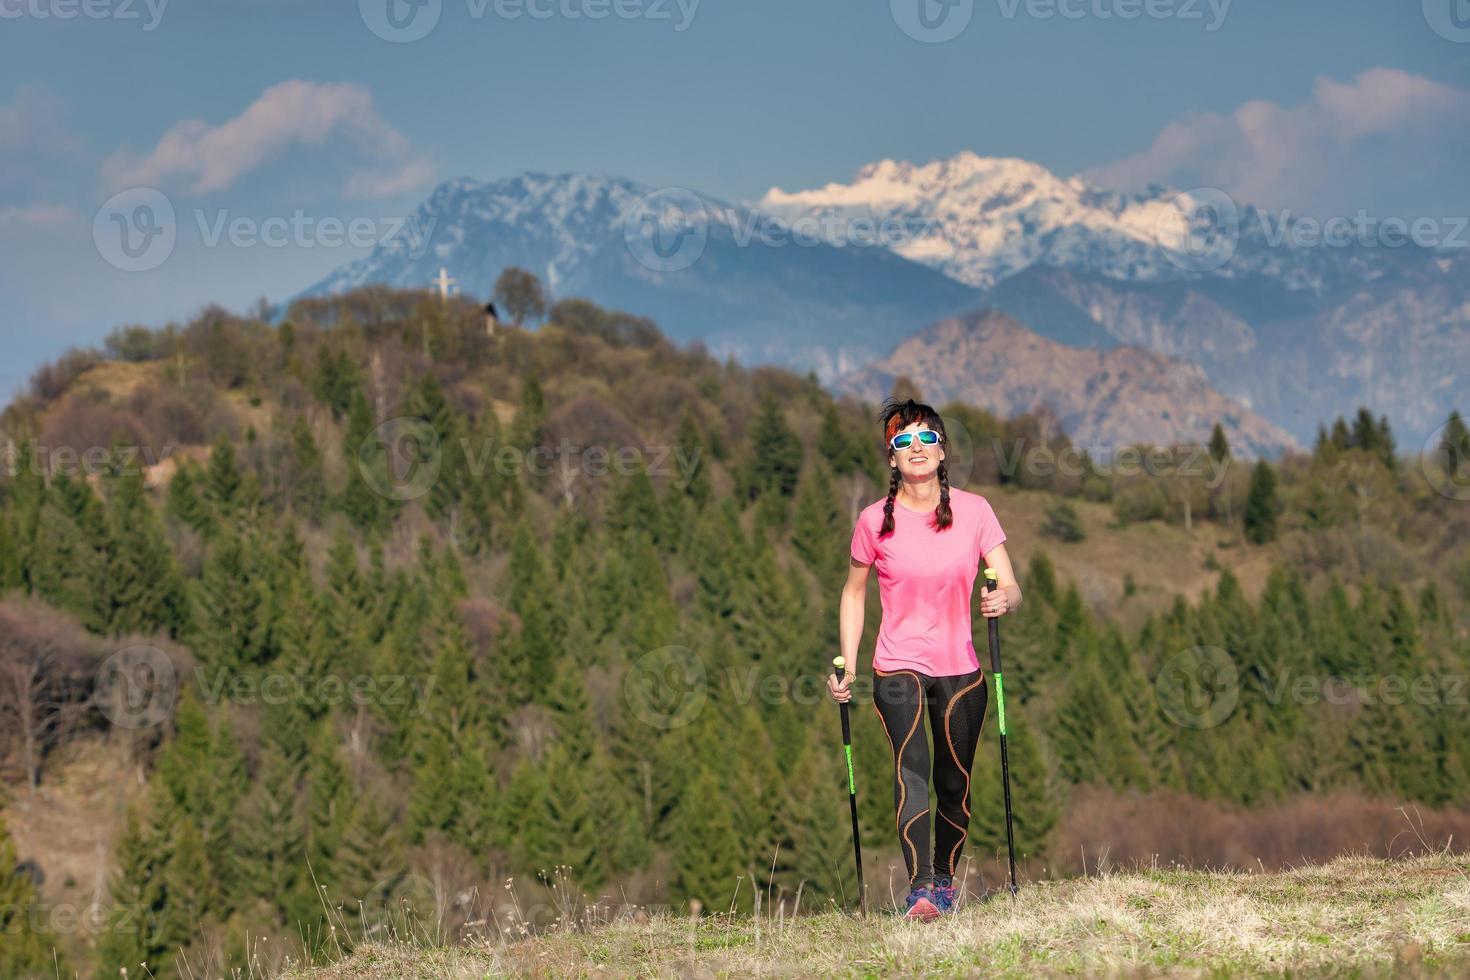 vår i bergen mellan grönt och snö. en ensam tjej under en vandring foto